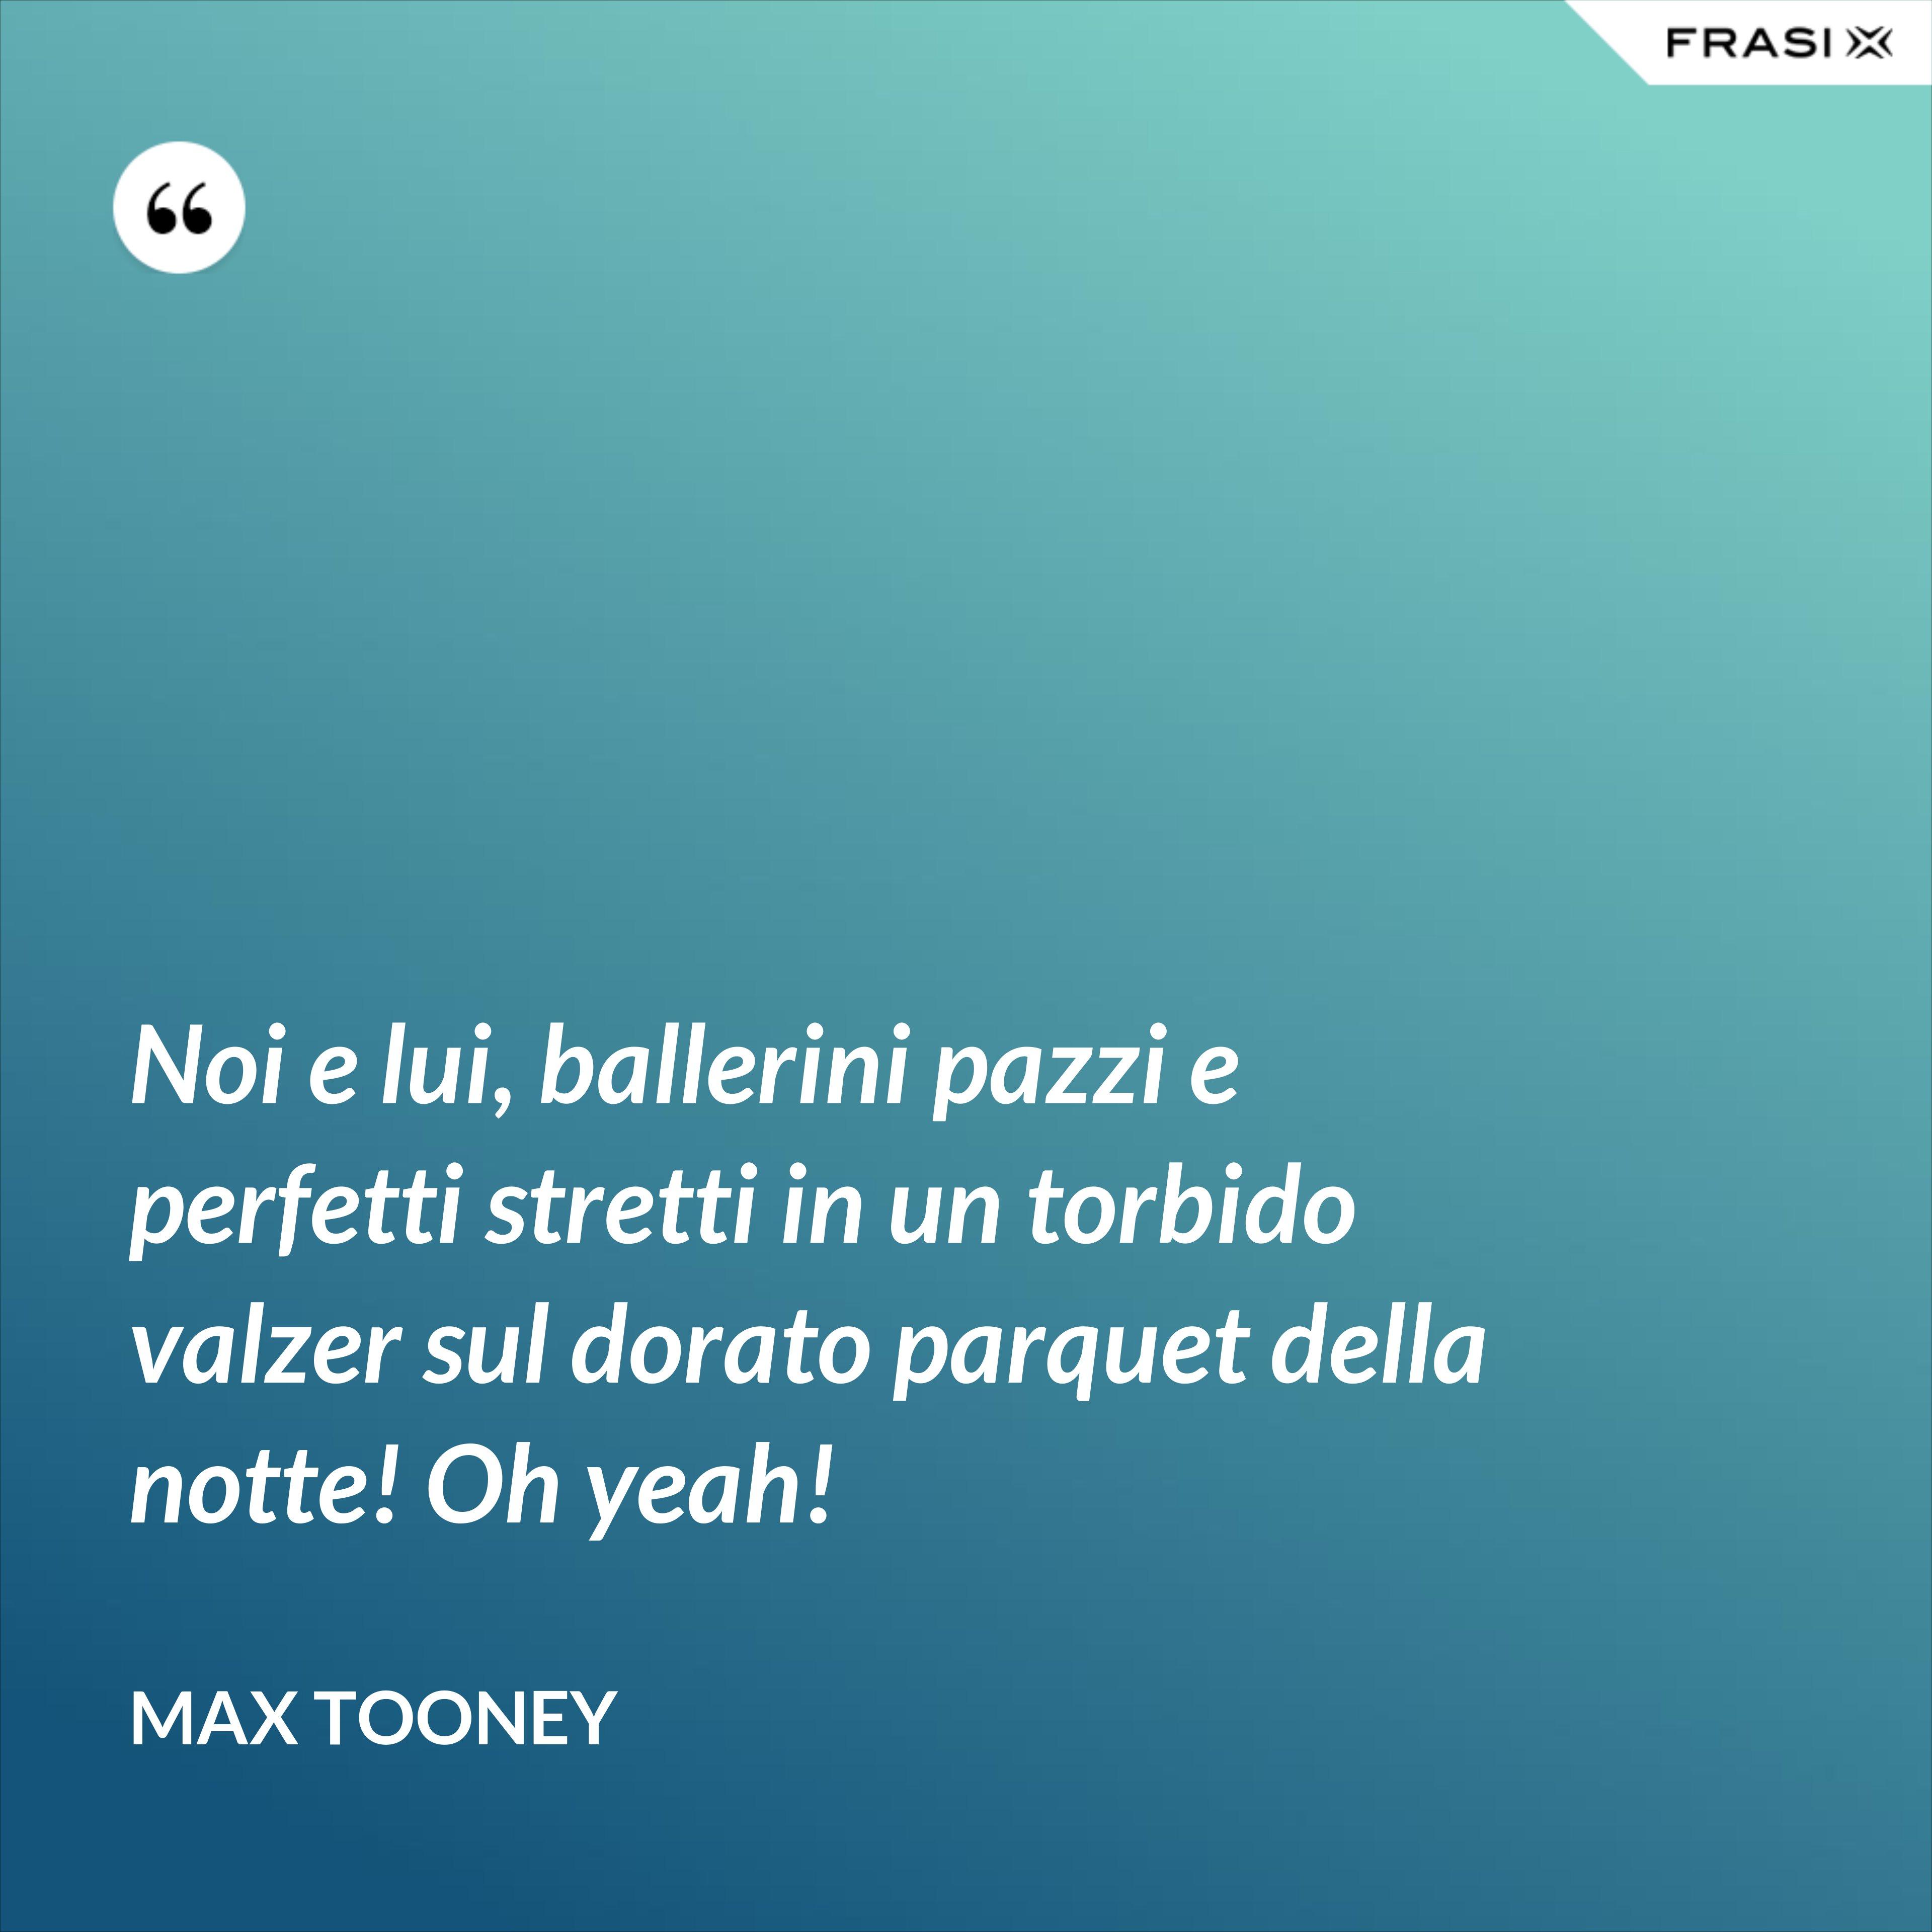 Noi e lui, ballerini pazzi e perfetti stretti in un torbido valzer sul dorato parquet della notte! Oh yeah! - Max Tooney